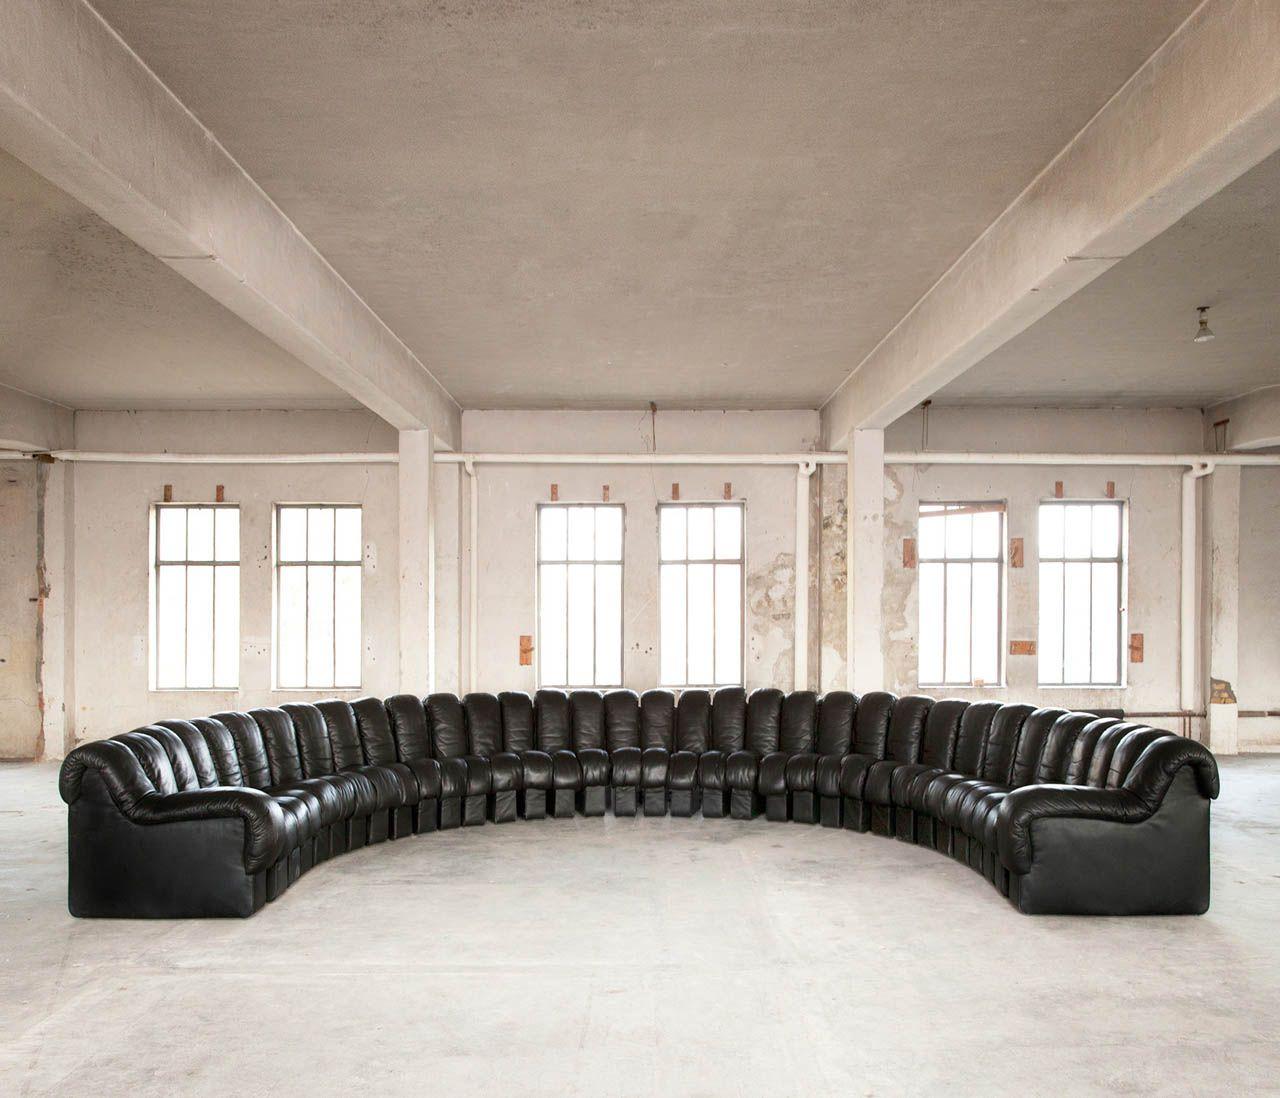 34 piece de sede ds600 snake sofa in original black. Black Bedroom Furniture Sets. Home Design Ideas